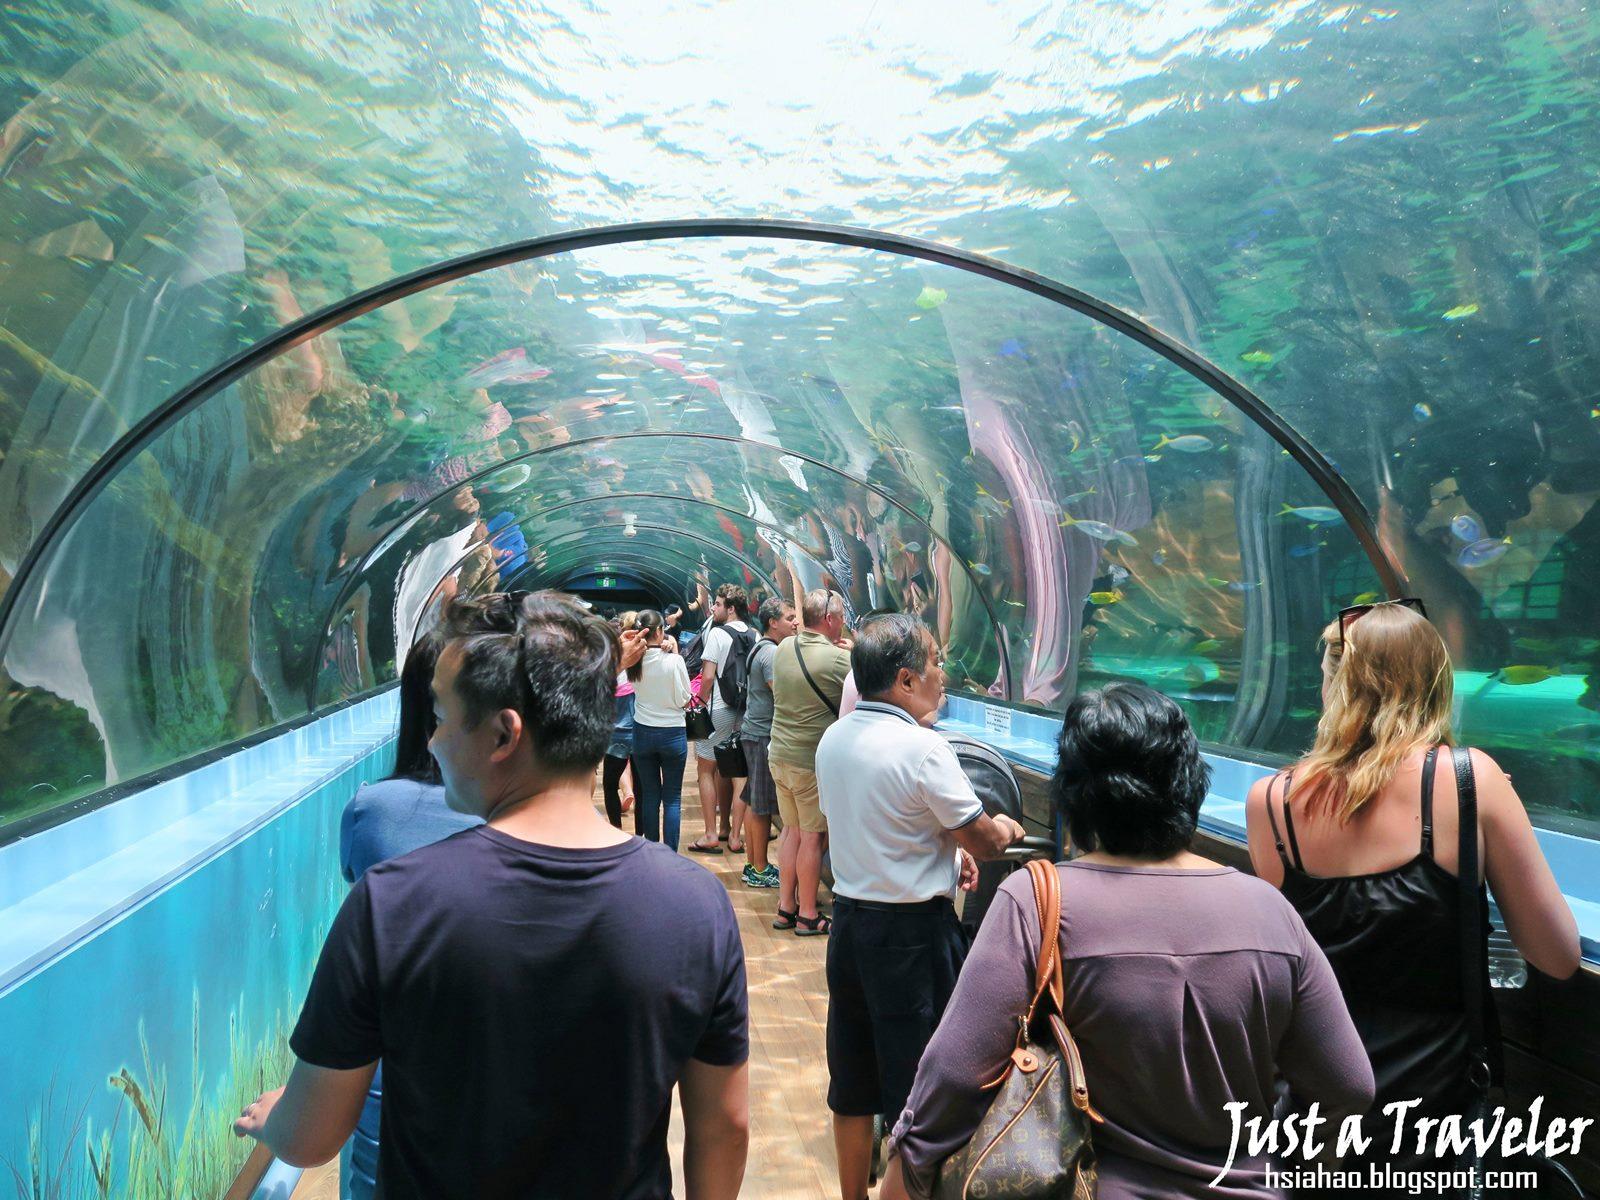 雪梨-景點-推薦-達令港-自由行-行程-旅遊-澳洲-雪梨海洋生物水族館-SEA LIFE Sydney Aquarium-Darling-Harbour-Tourist-Attraction-Travel